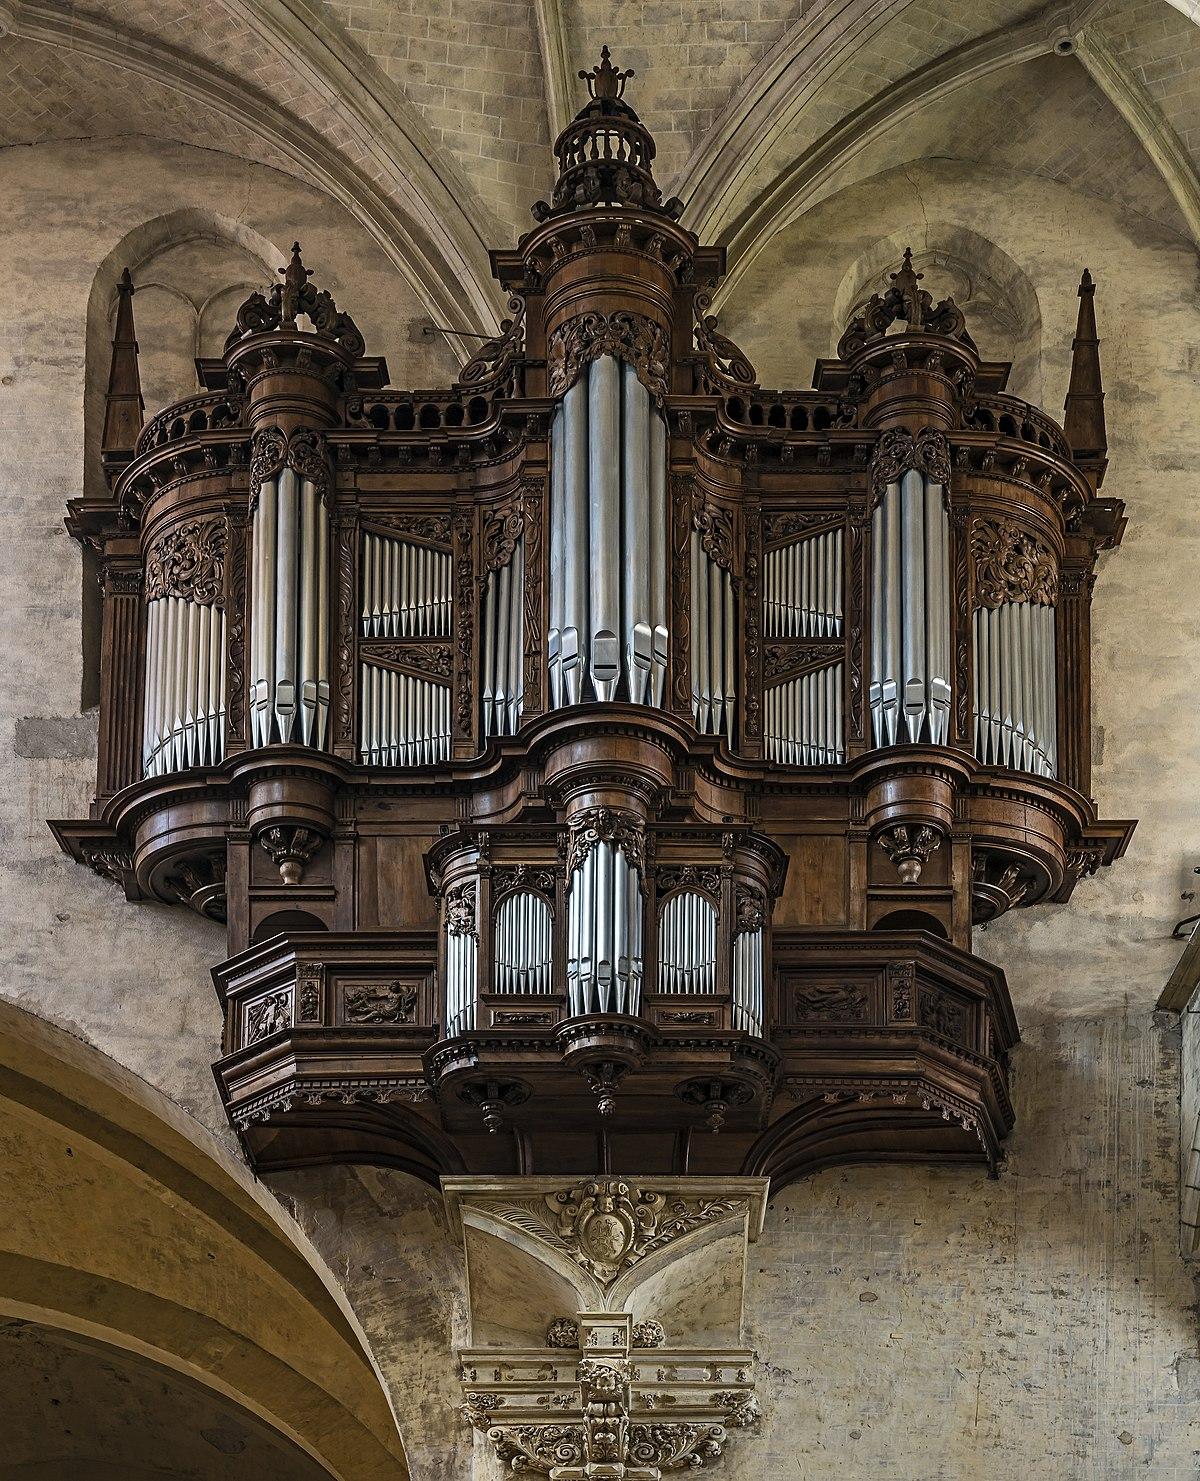 Орган музыкальный инструмент Википедия